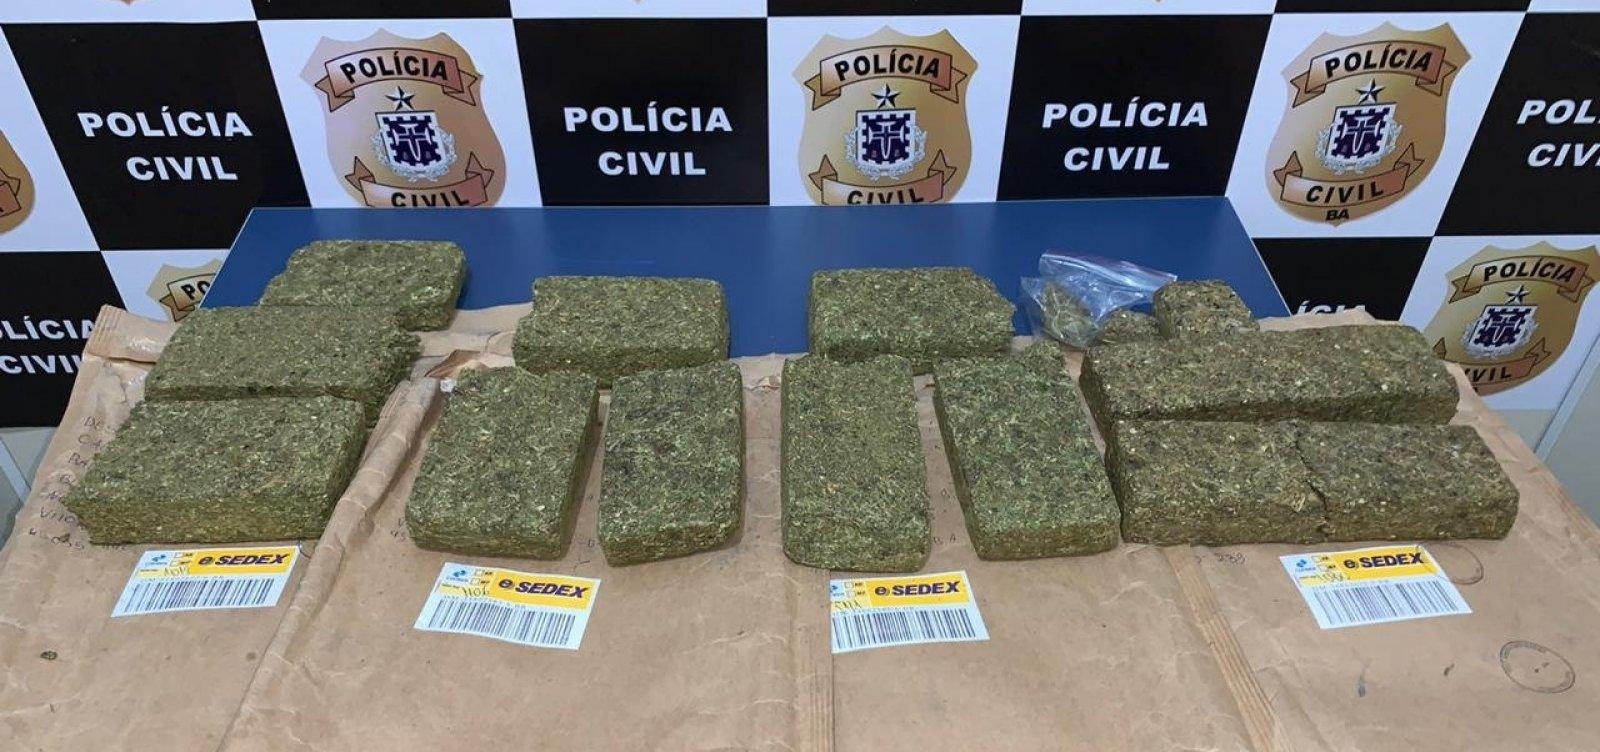 [Vitória da Conquista: polícia prende acusado de tráfico que recebia drogas pelo Sedex]